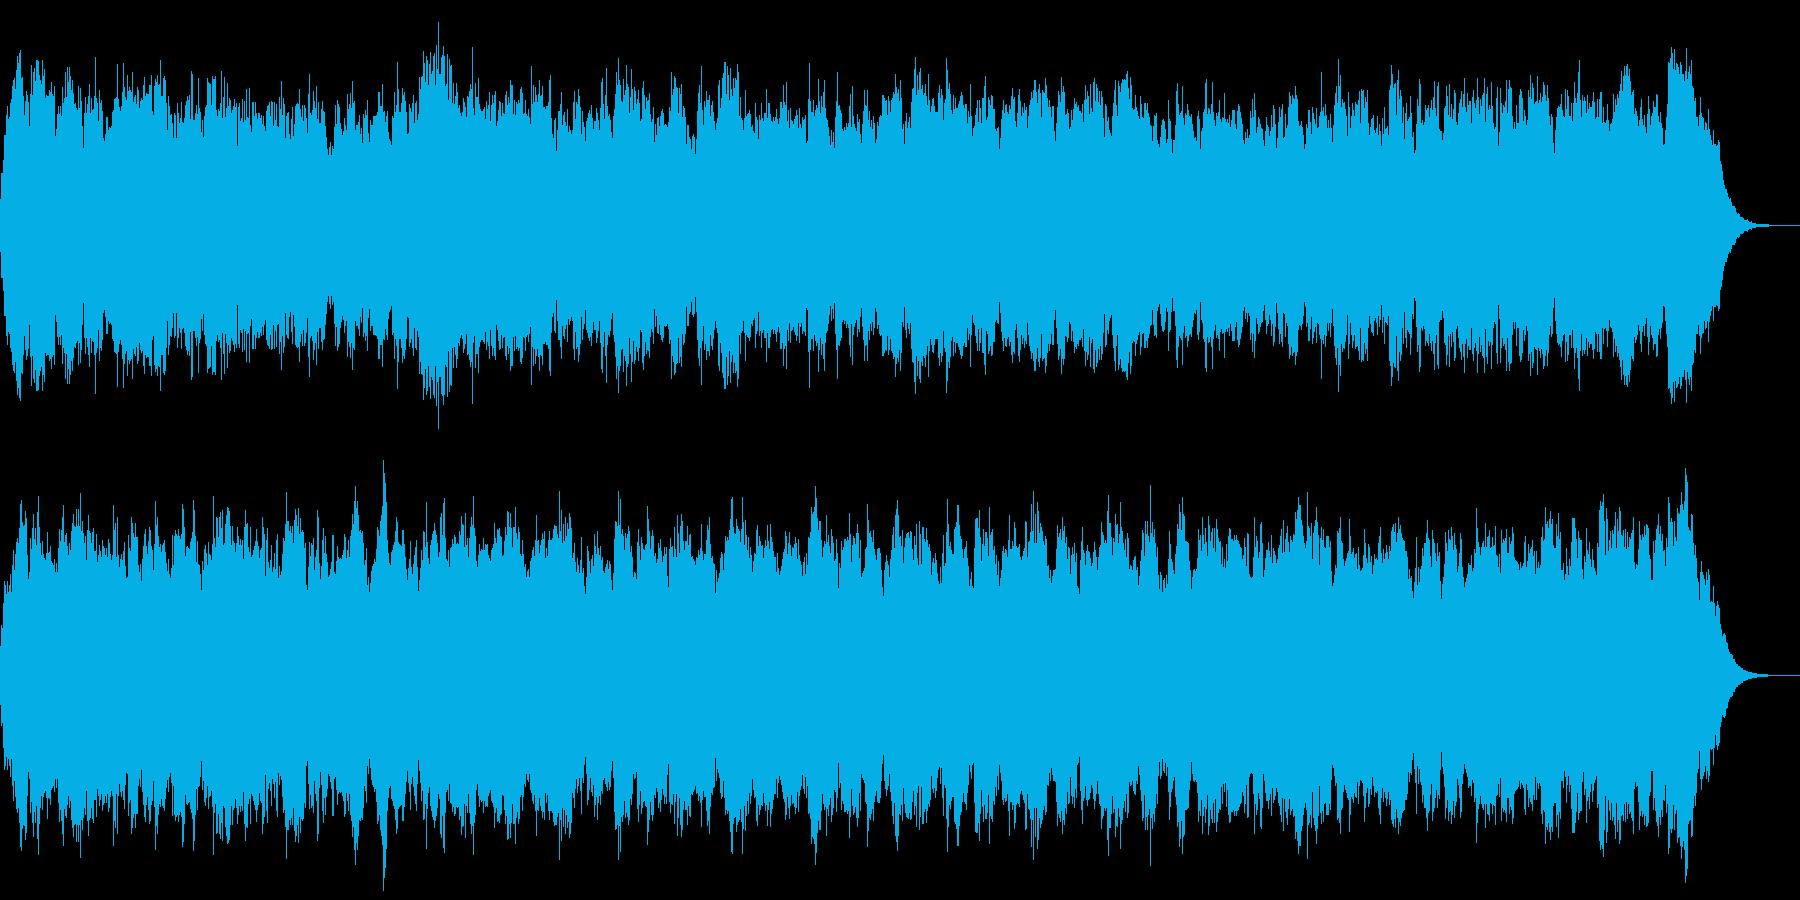 荘厳なイメージのパイプオルガンオリジナルの再生済みの波形